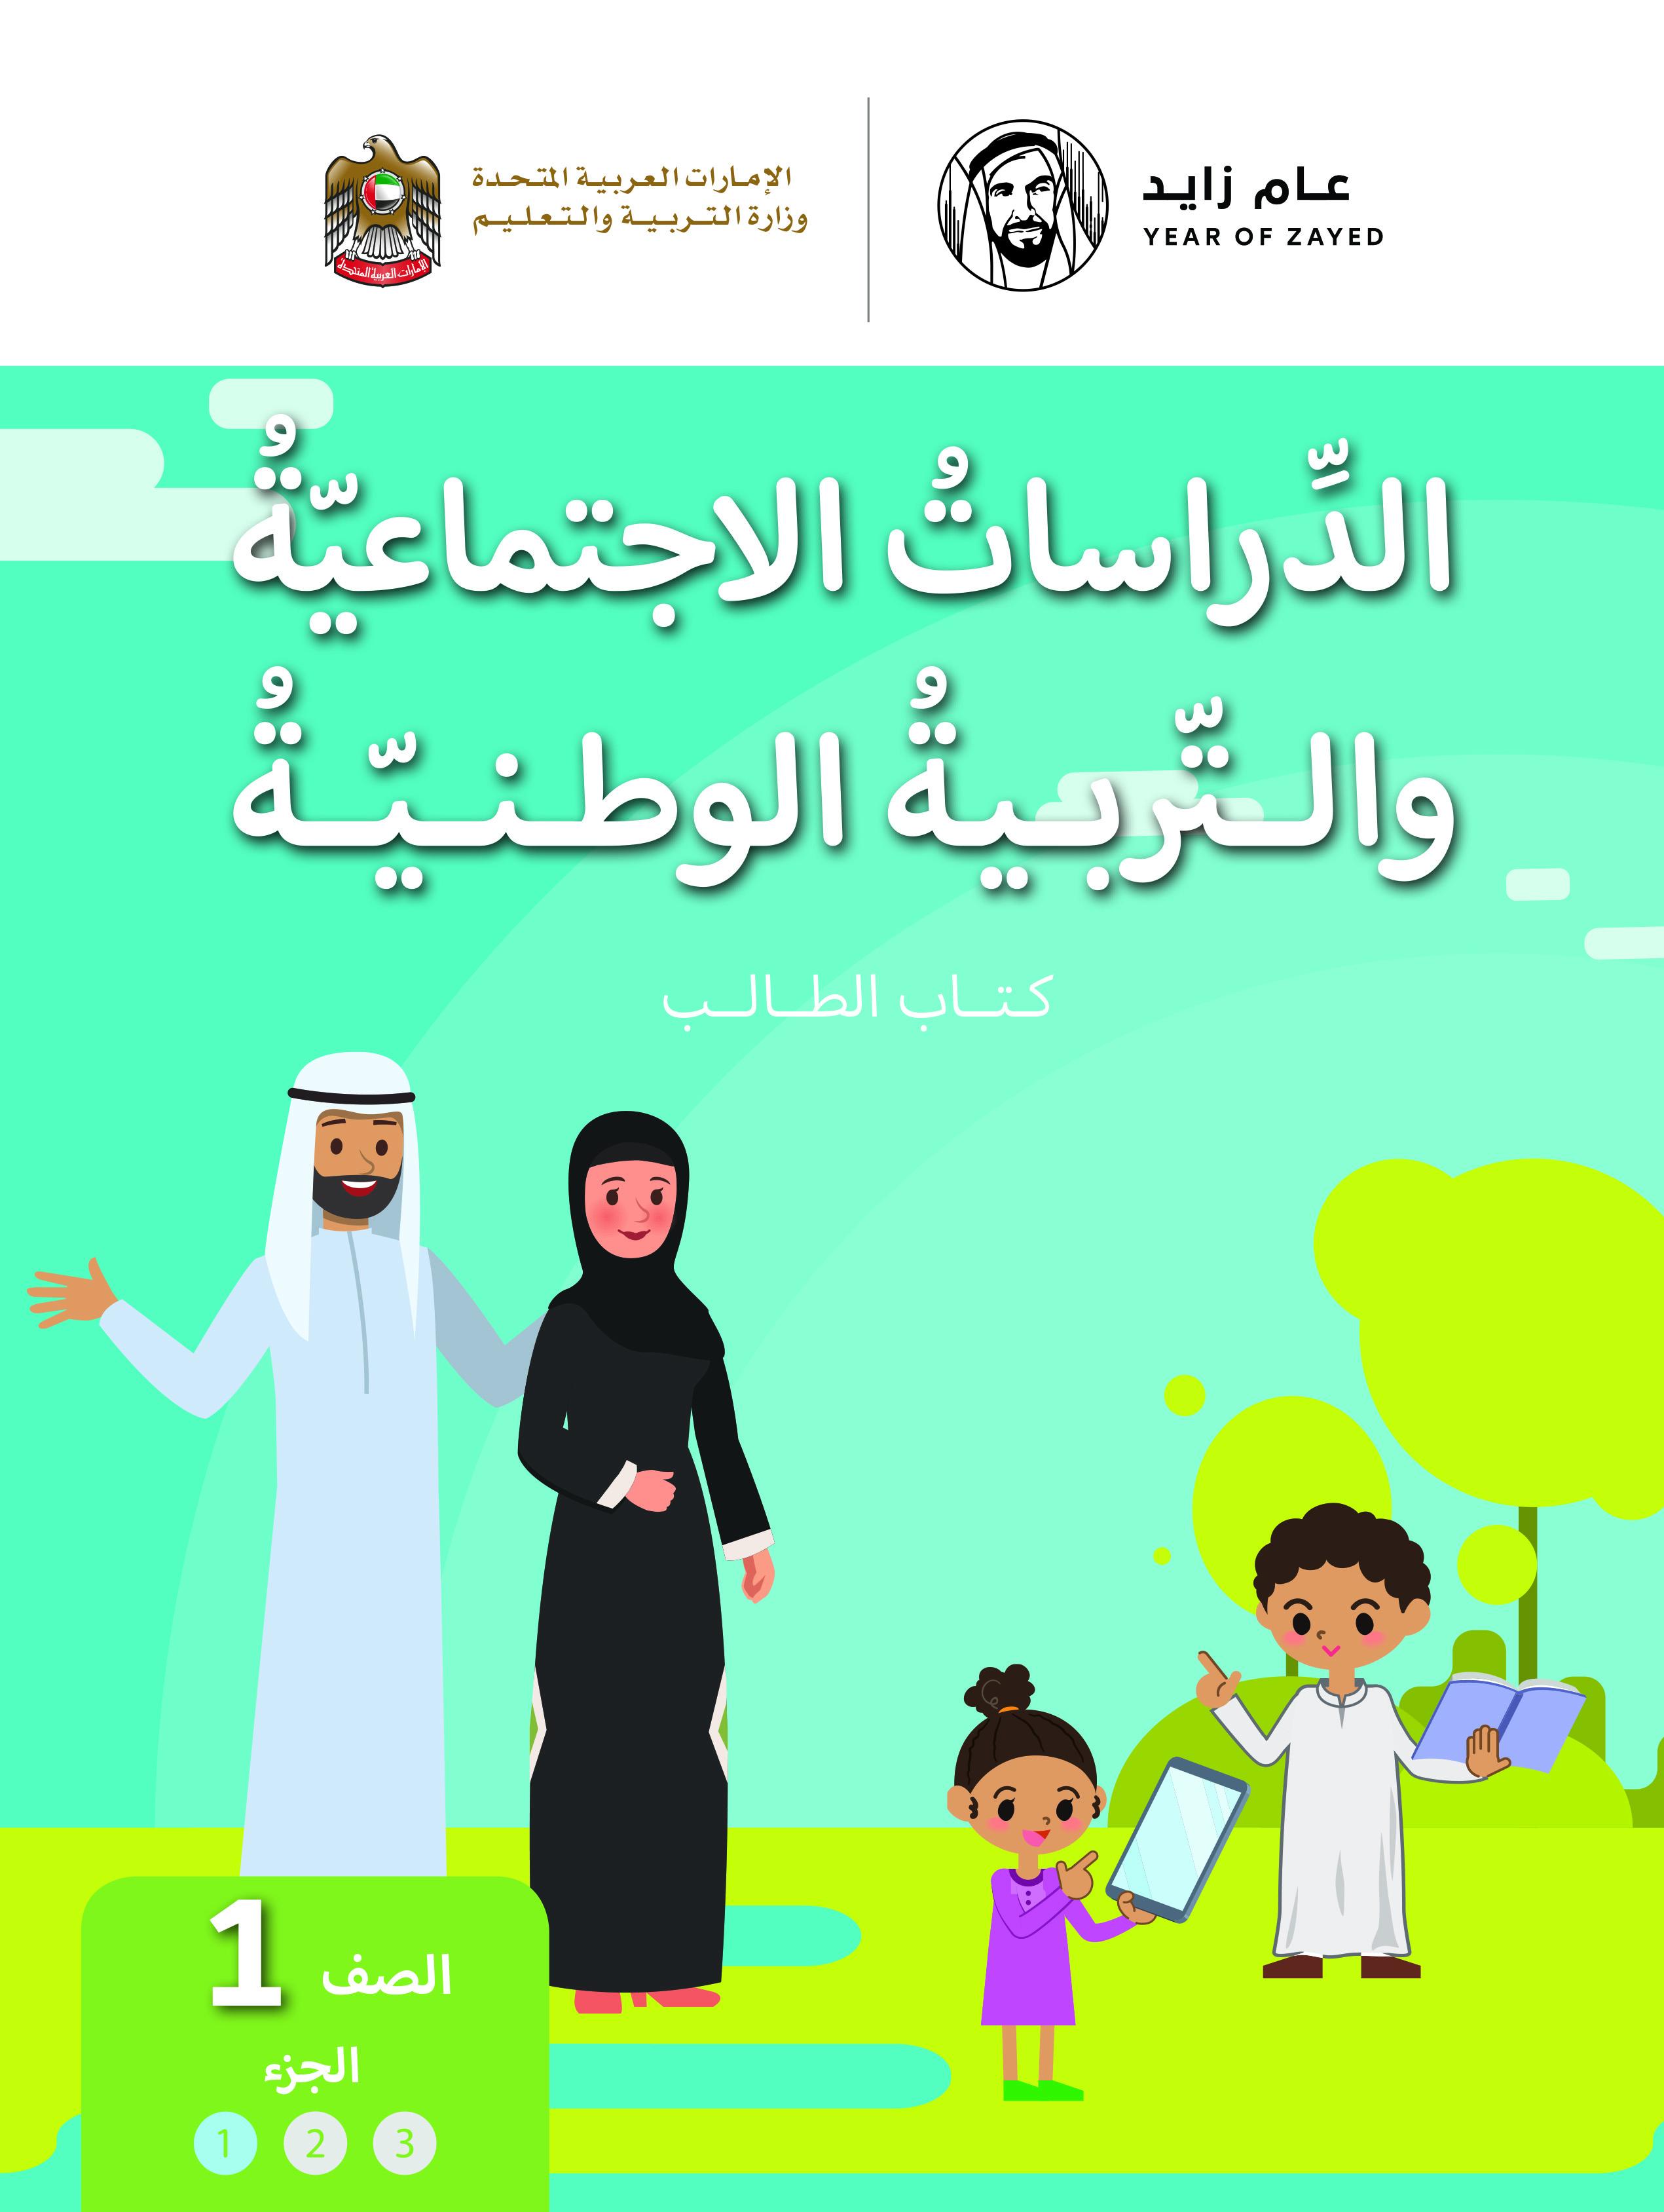 الدراسات الاجتماعية و التربية الوطنية - كتاب الطالب - الصف الأول - الجزء الأول